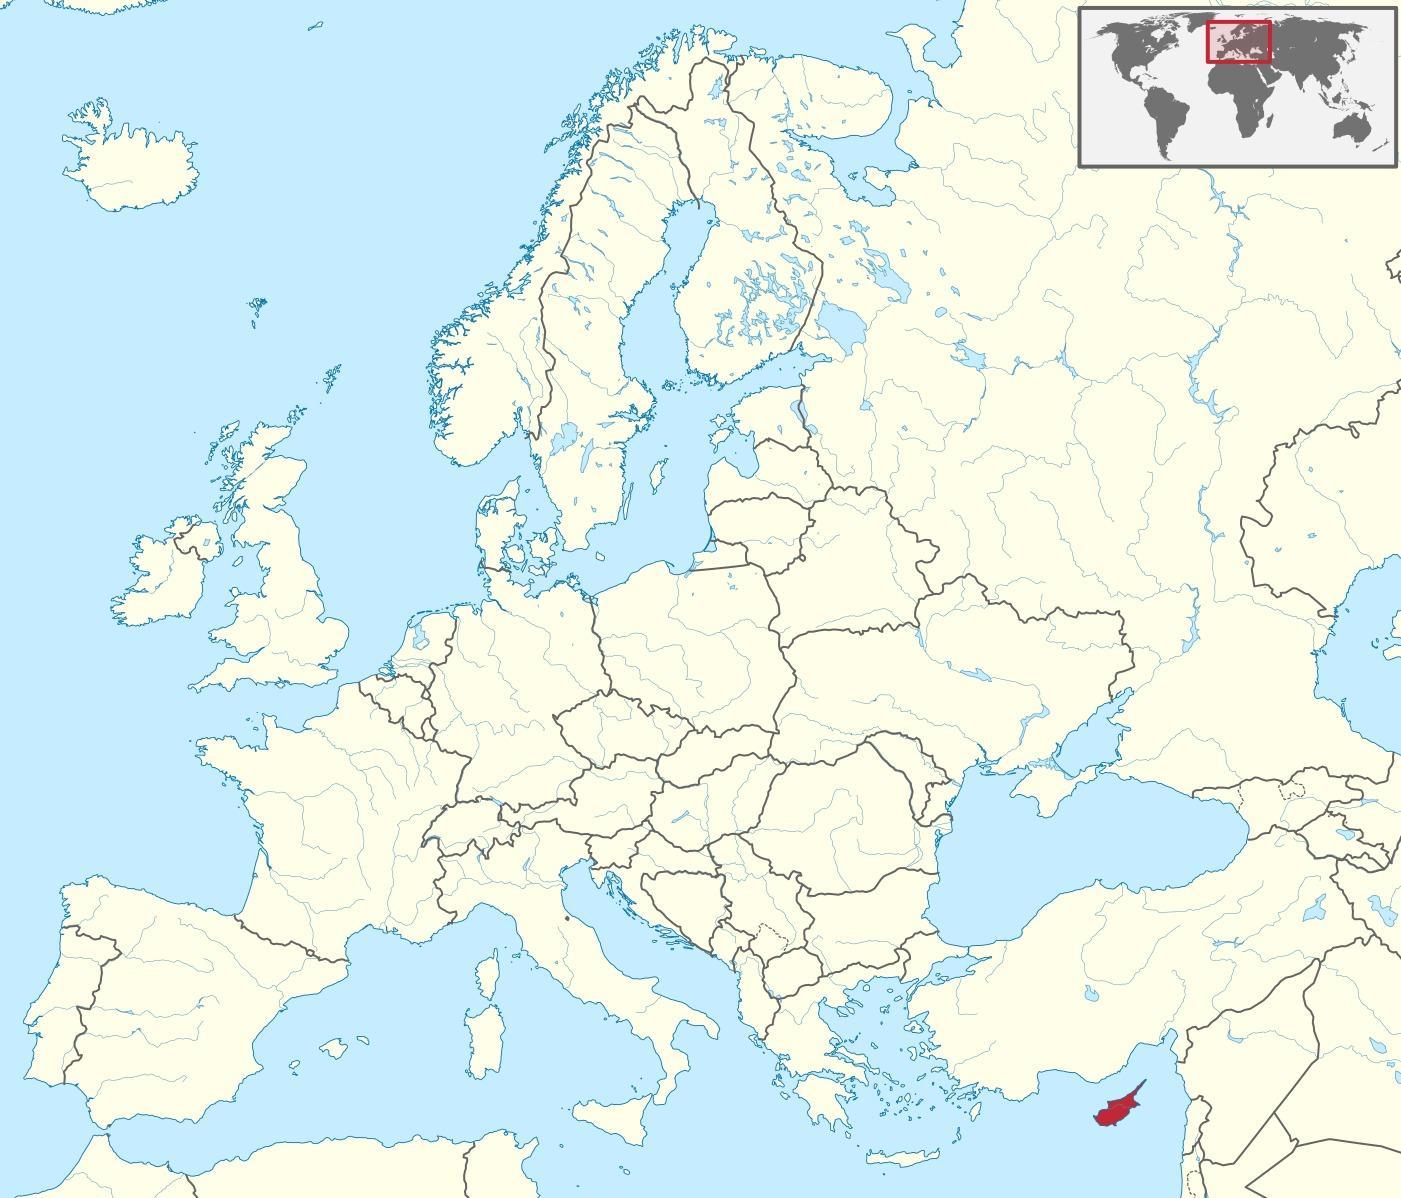 Kypr Mapa V Mapa Sveta Mapa Kypr Mapa Sveta Jizni Evropy Evropa